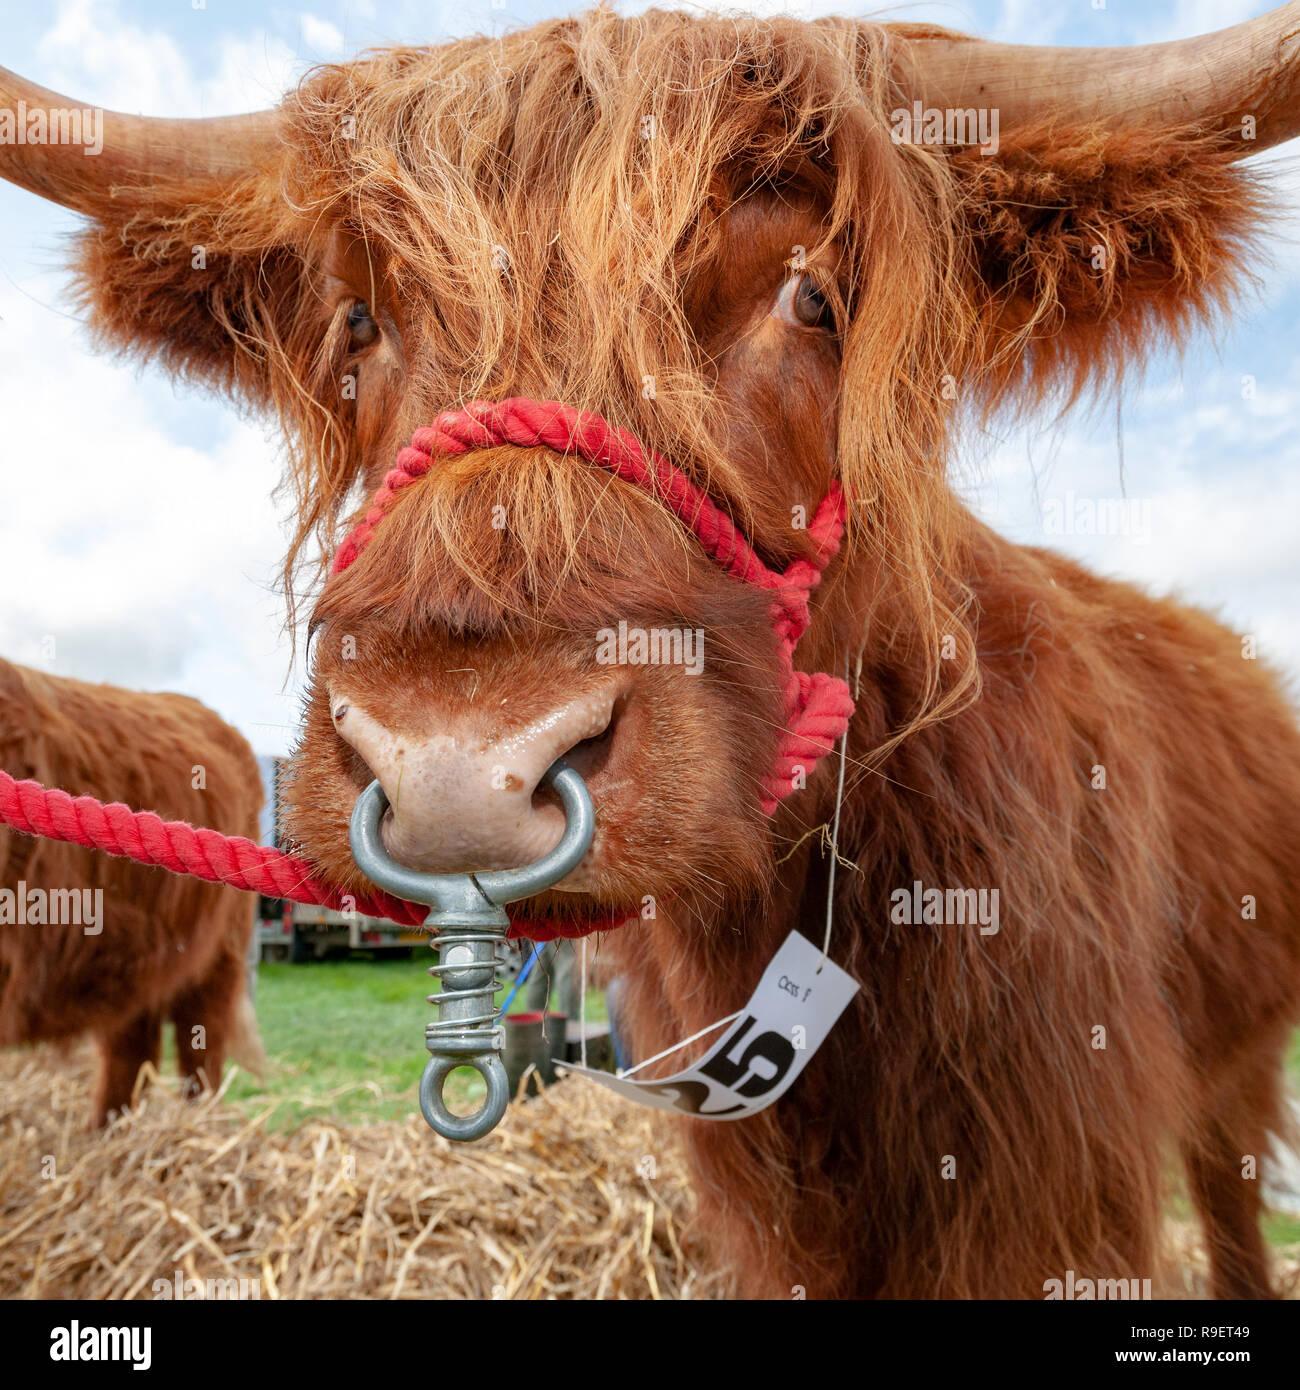 Formato cuadrado cerrar bull imágenes Foto de stock